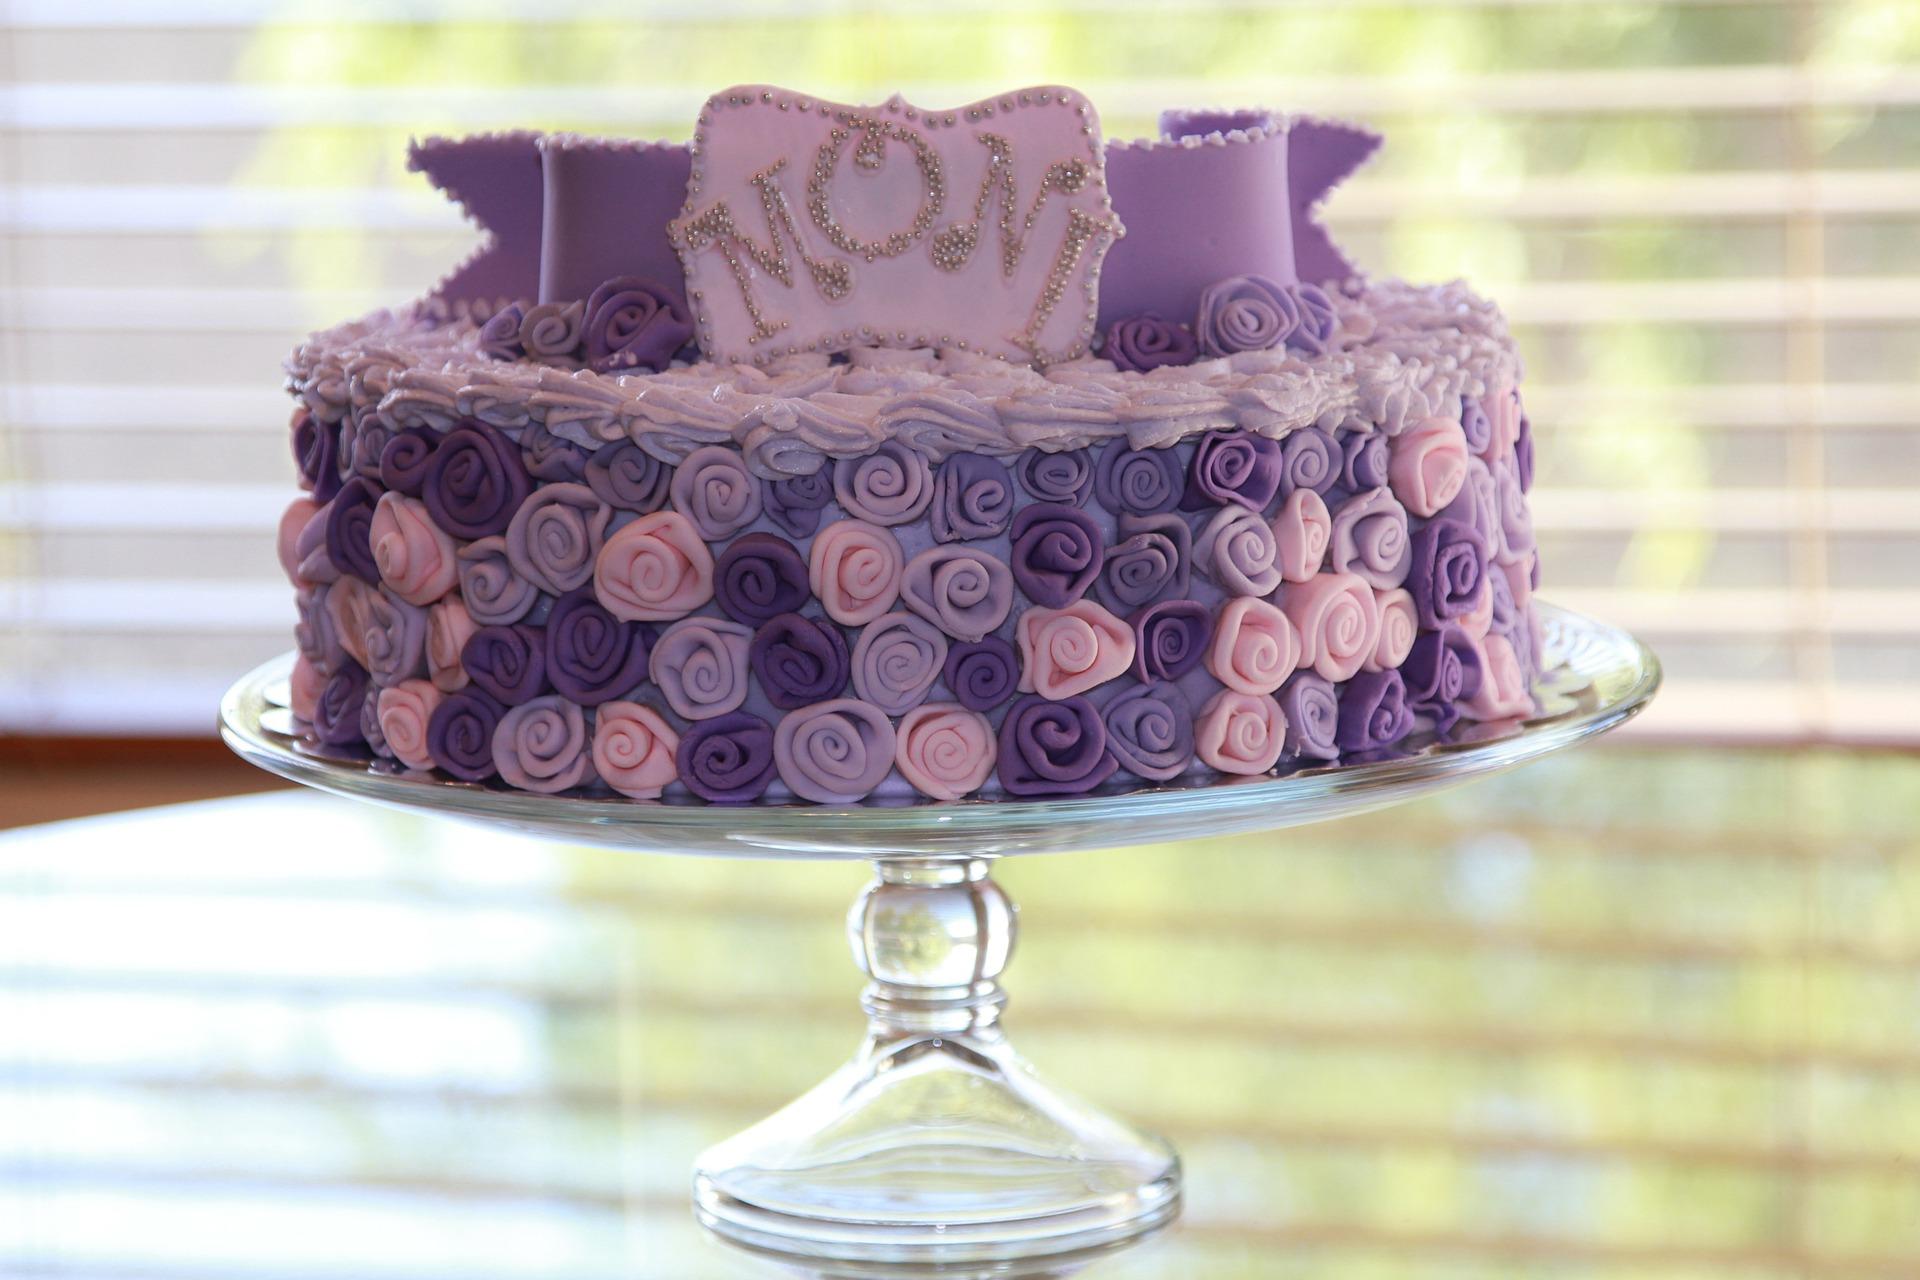 szép torta képek szep tortak lila rozsas torta   Tortareceptek szép torta képek